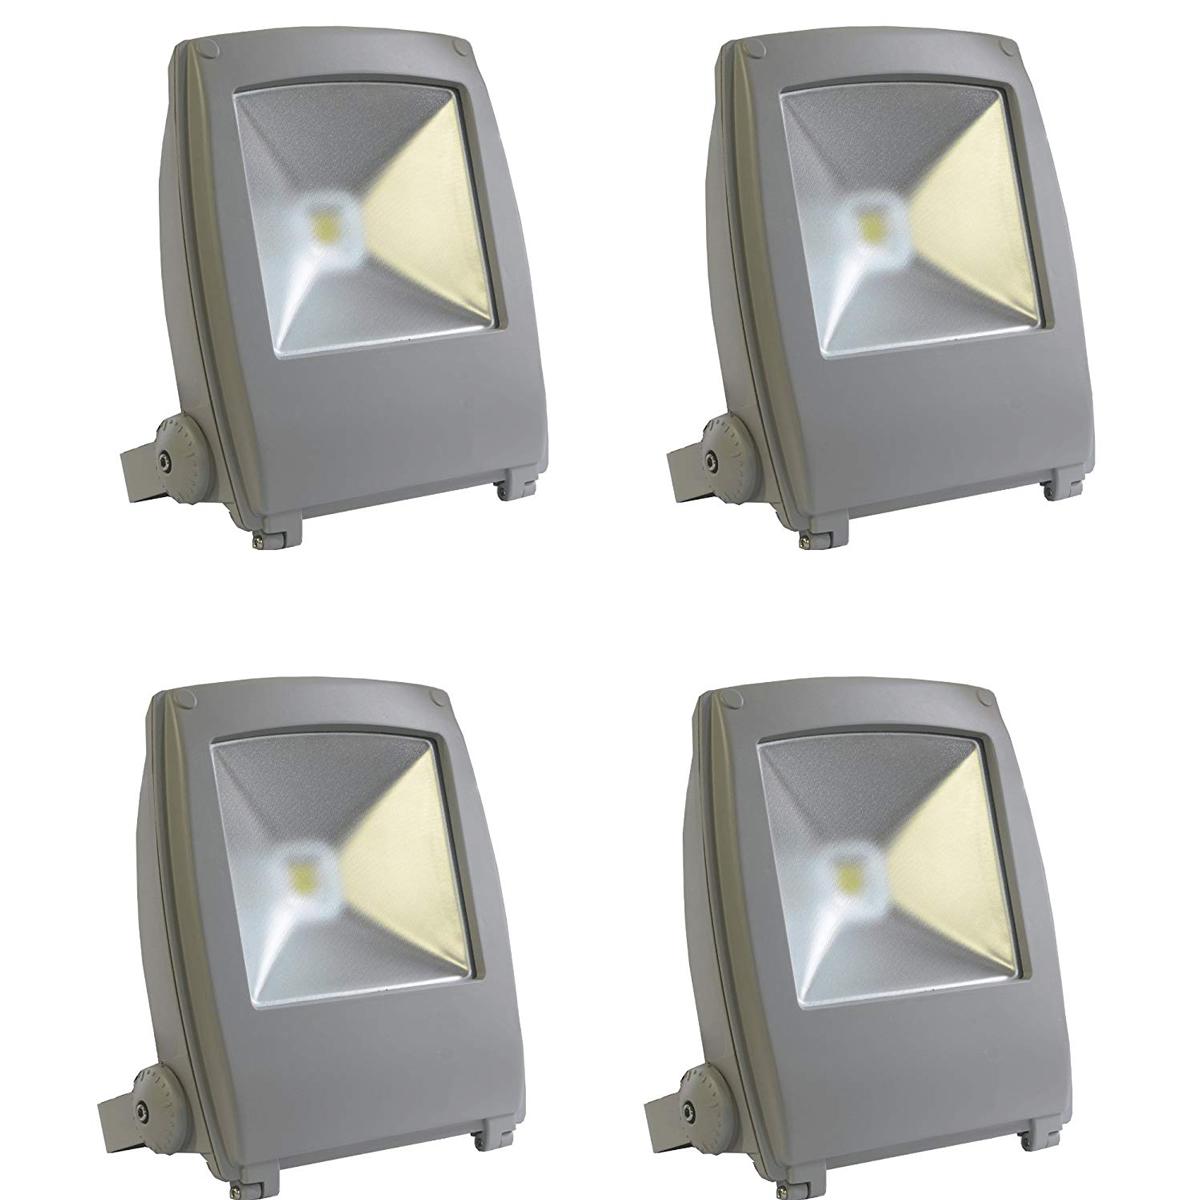 【4個セット】LED投光器 50W 500W相当 フラットタイプ 昼光色 作業灯 集魚灯 防犯 送料無料 A42Y50BSET4